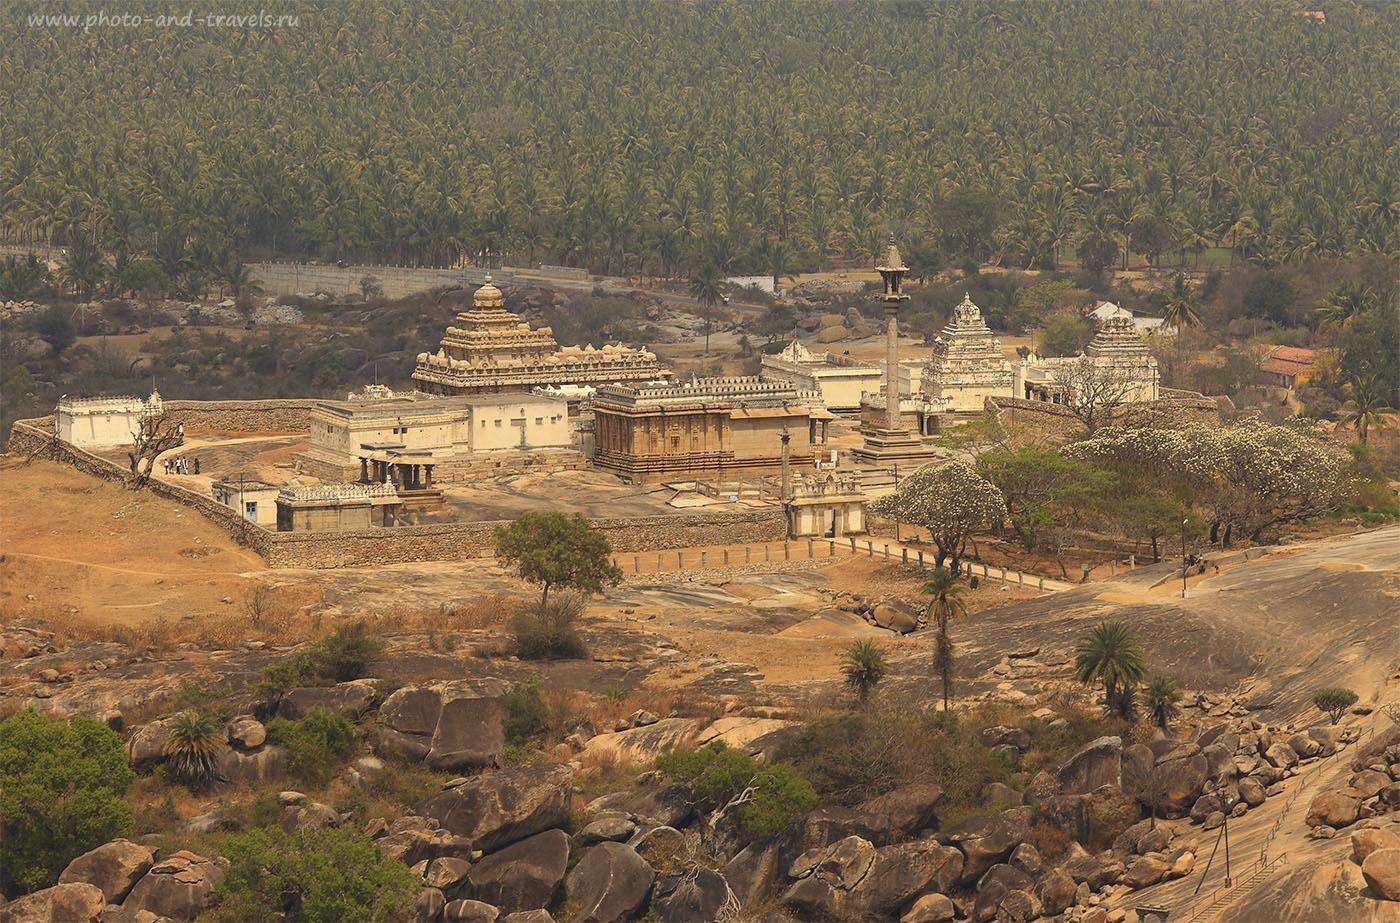 Фотография 23. Вид на храмовый комплекс холма Чандрагири (Chandragiri Hill). Туры по Индии. Поездка по Карнатаке. 1/160, 14.0, 100, 200. Камера Кэнон 6Д и телеобъектив Кэнон 70-200/4.